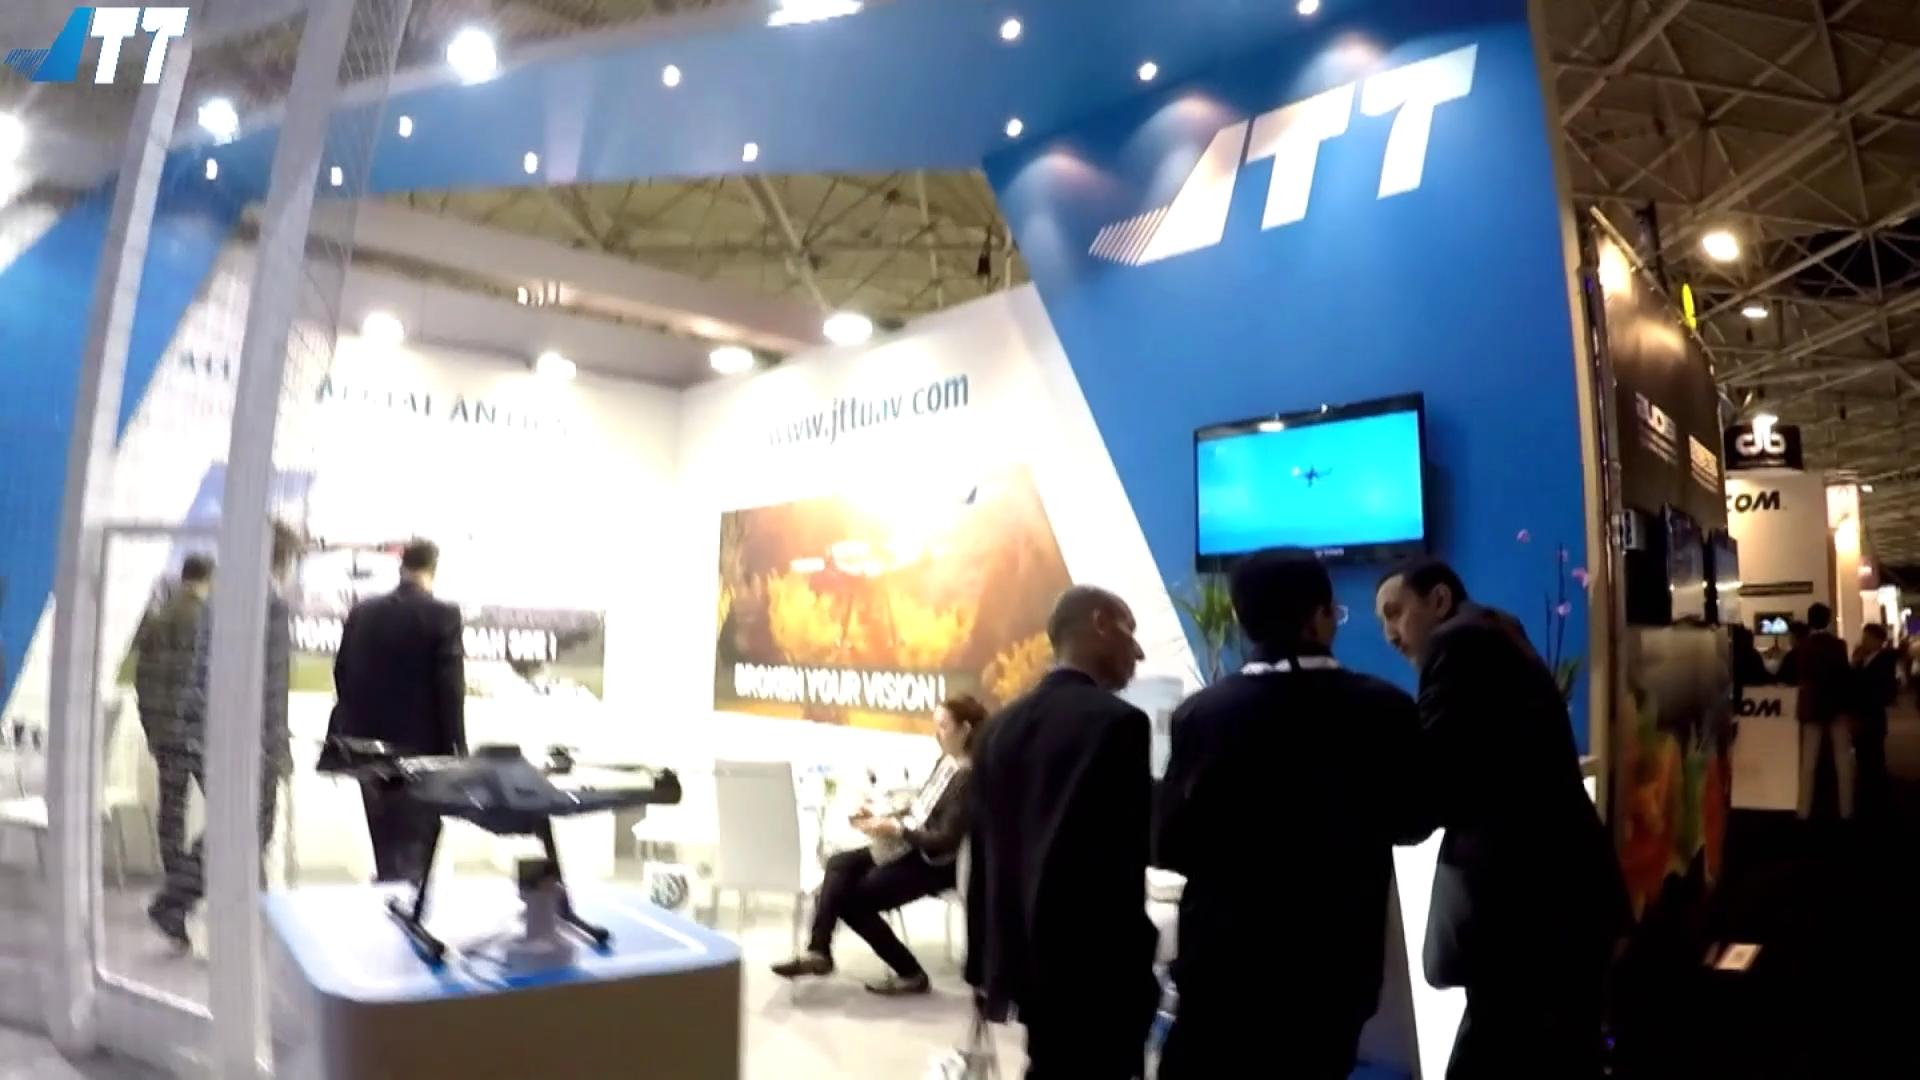 JTT无人机荷兰航天展会.mp4